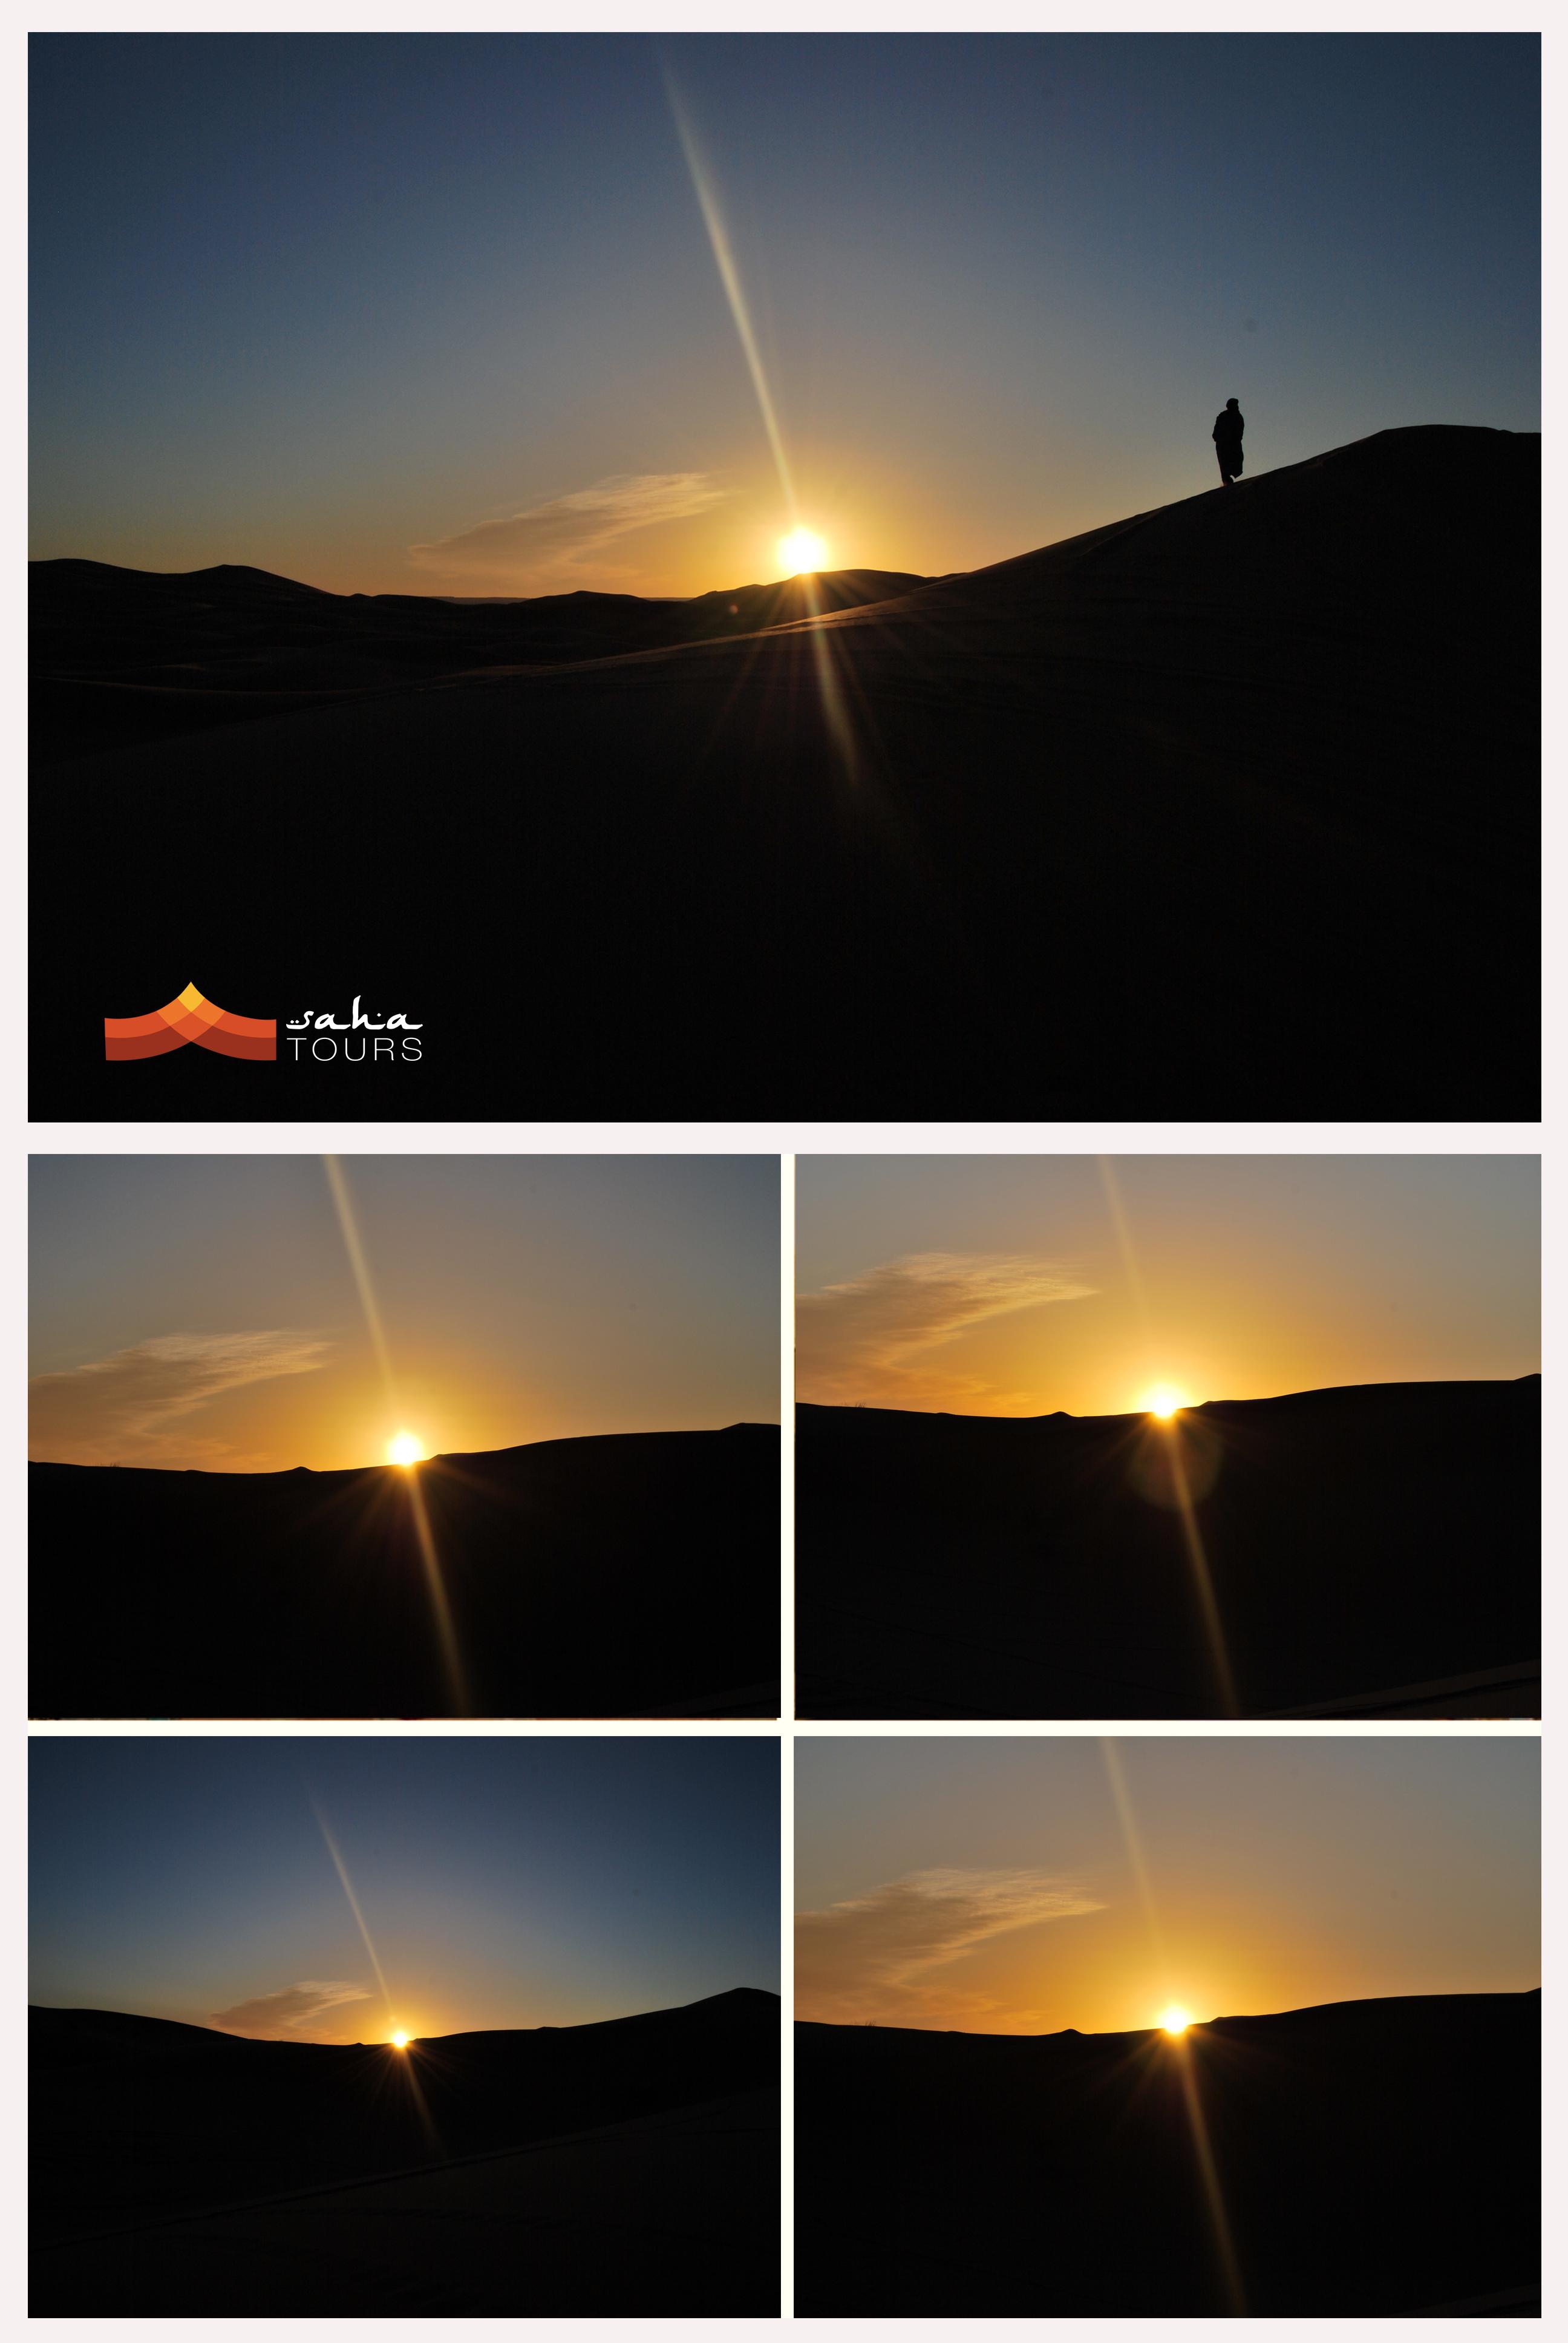 Amanecer en el desierto 1